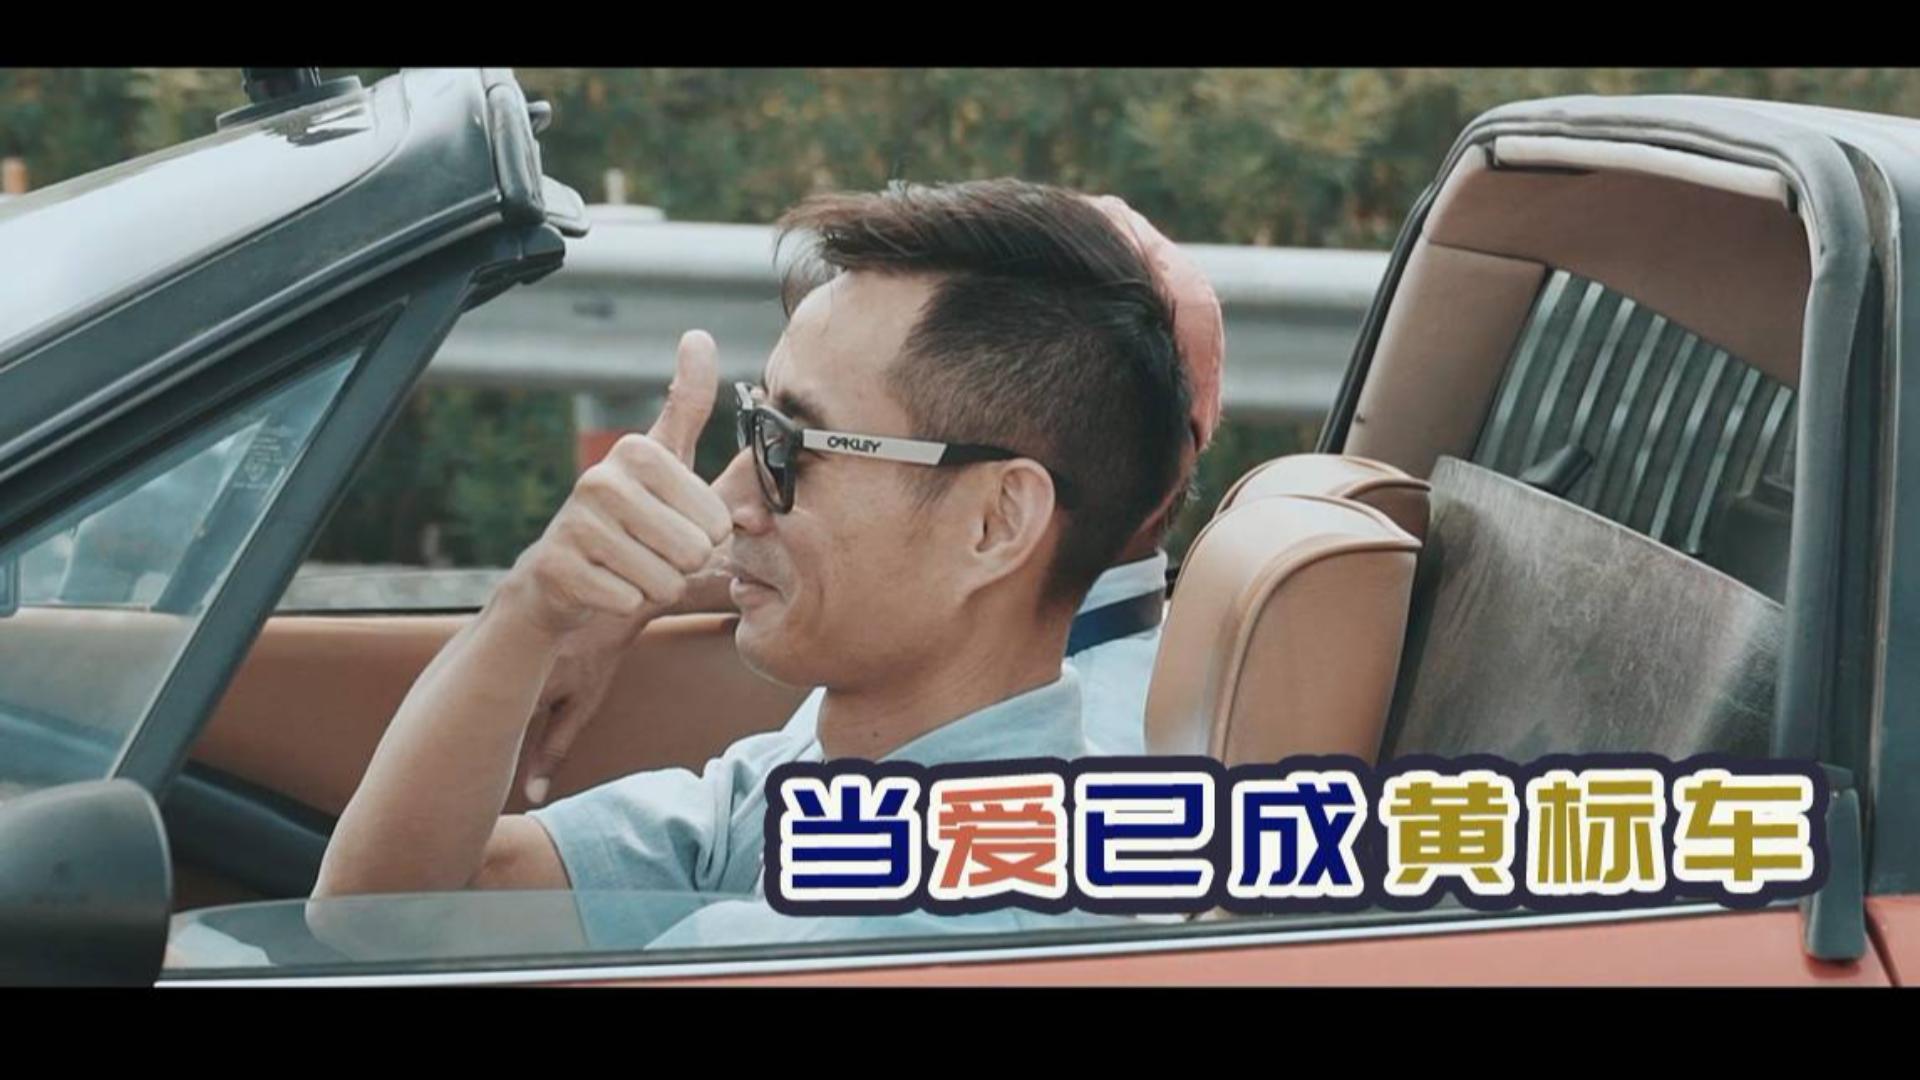 怎样才能开着黄标车去上海?